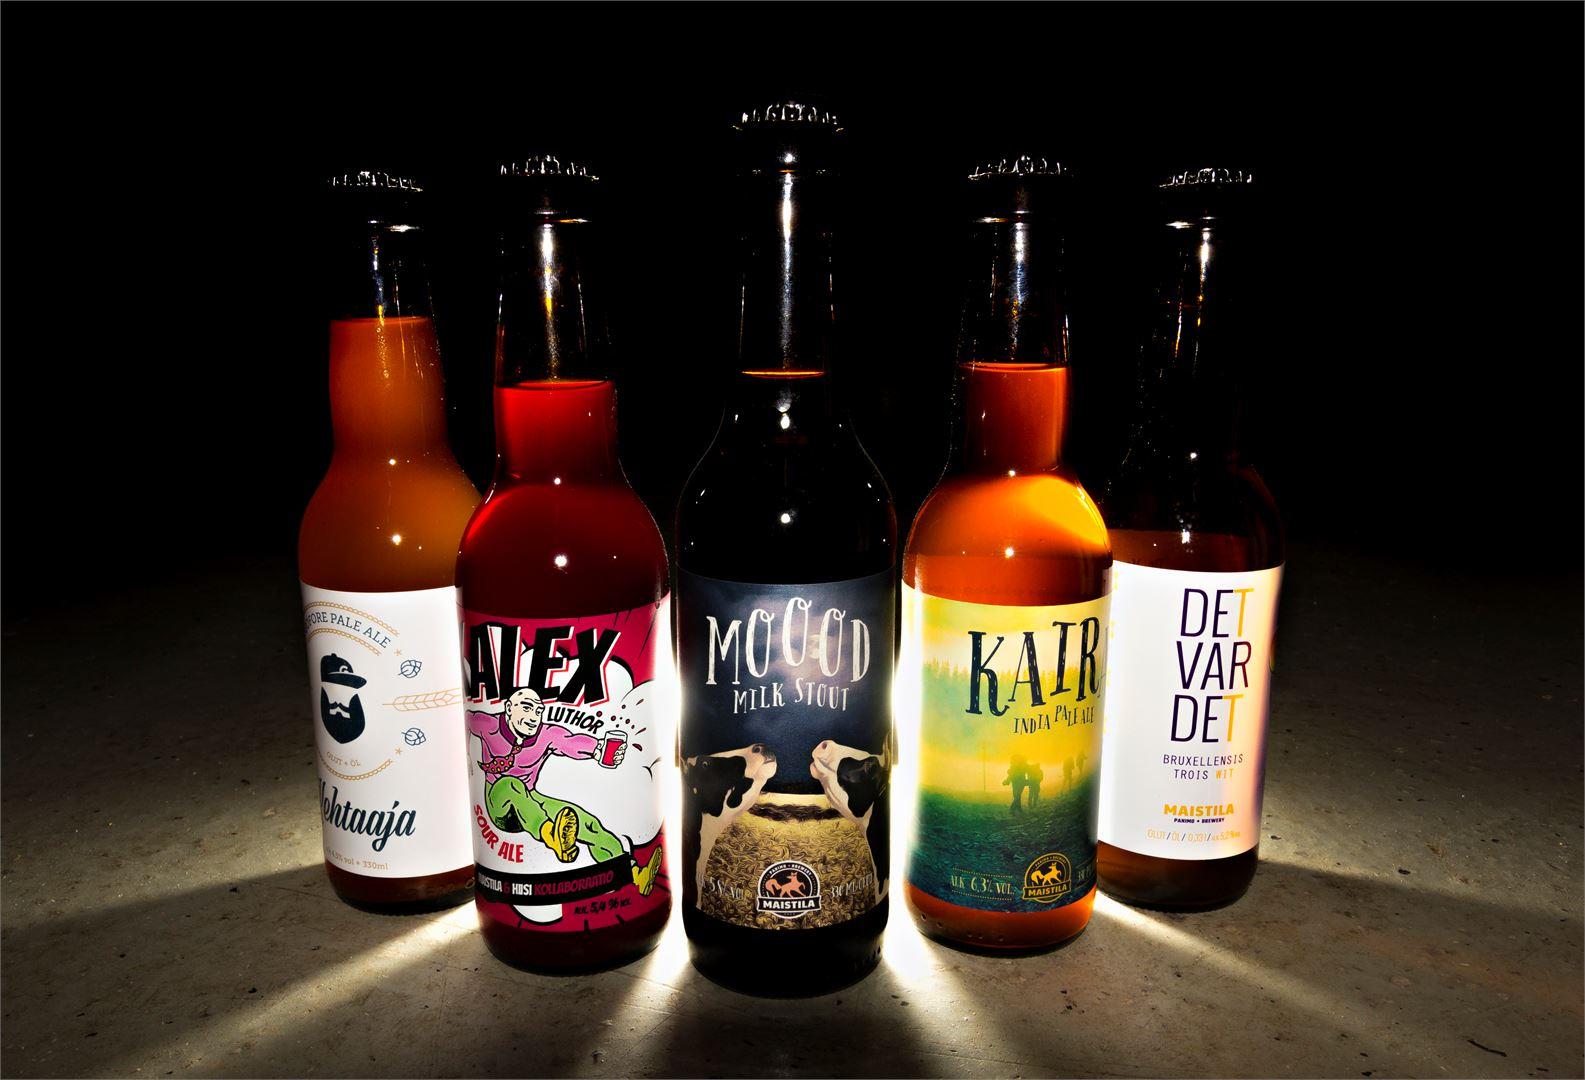 Nykypäivän olutvalikoima on värikäs ja monipuolinen. Kuva Markus Kärkinen